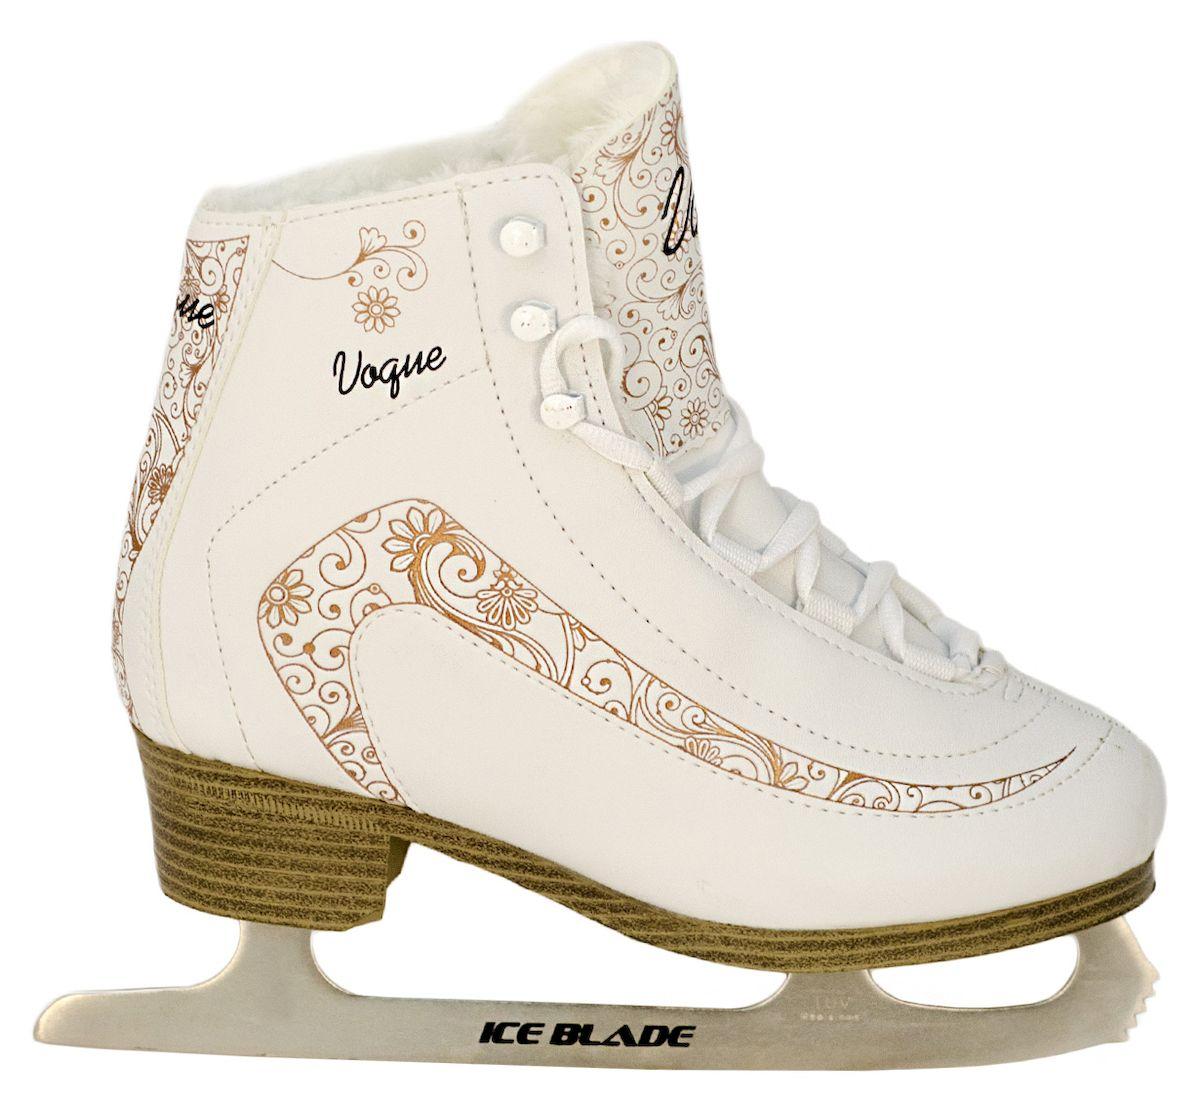 Коньки фигурные Ice Blade Vogue, цвет: белый, золотой. УТ-00006871. Размер 39